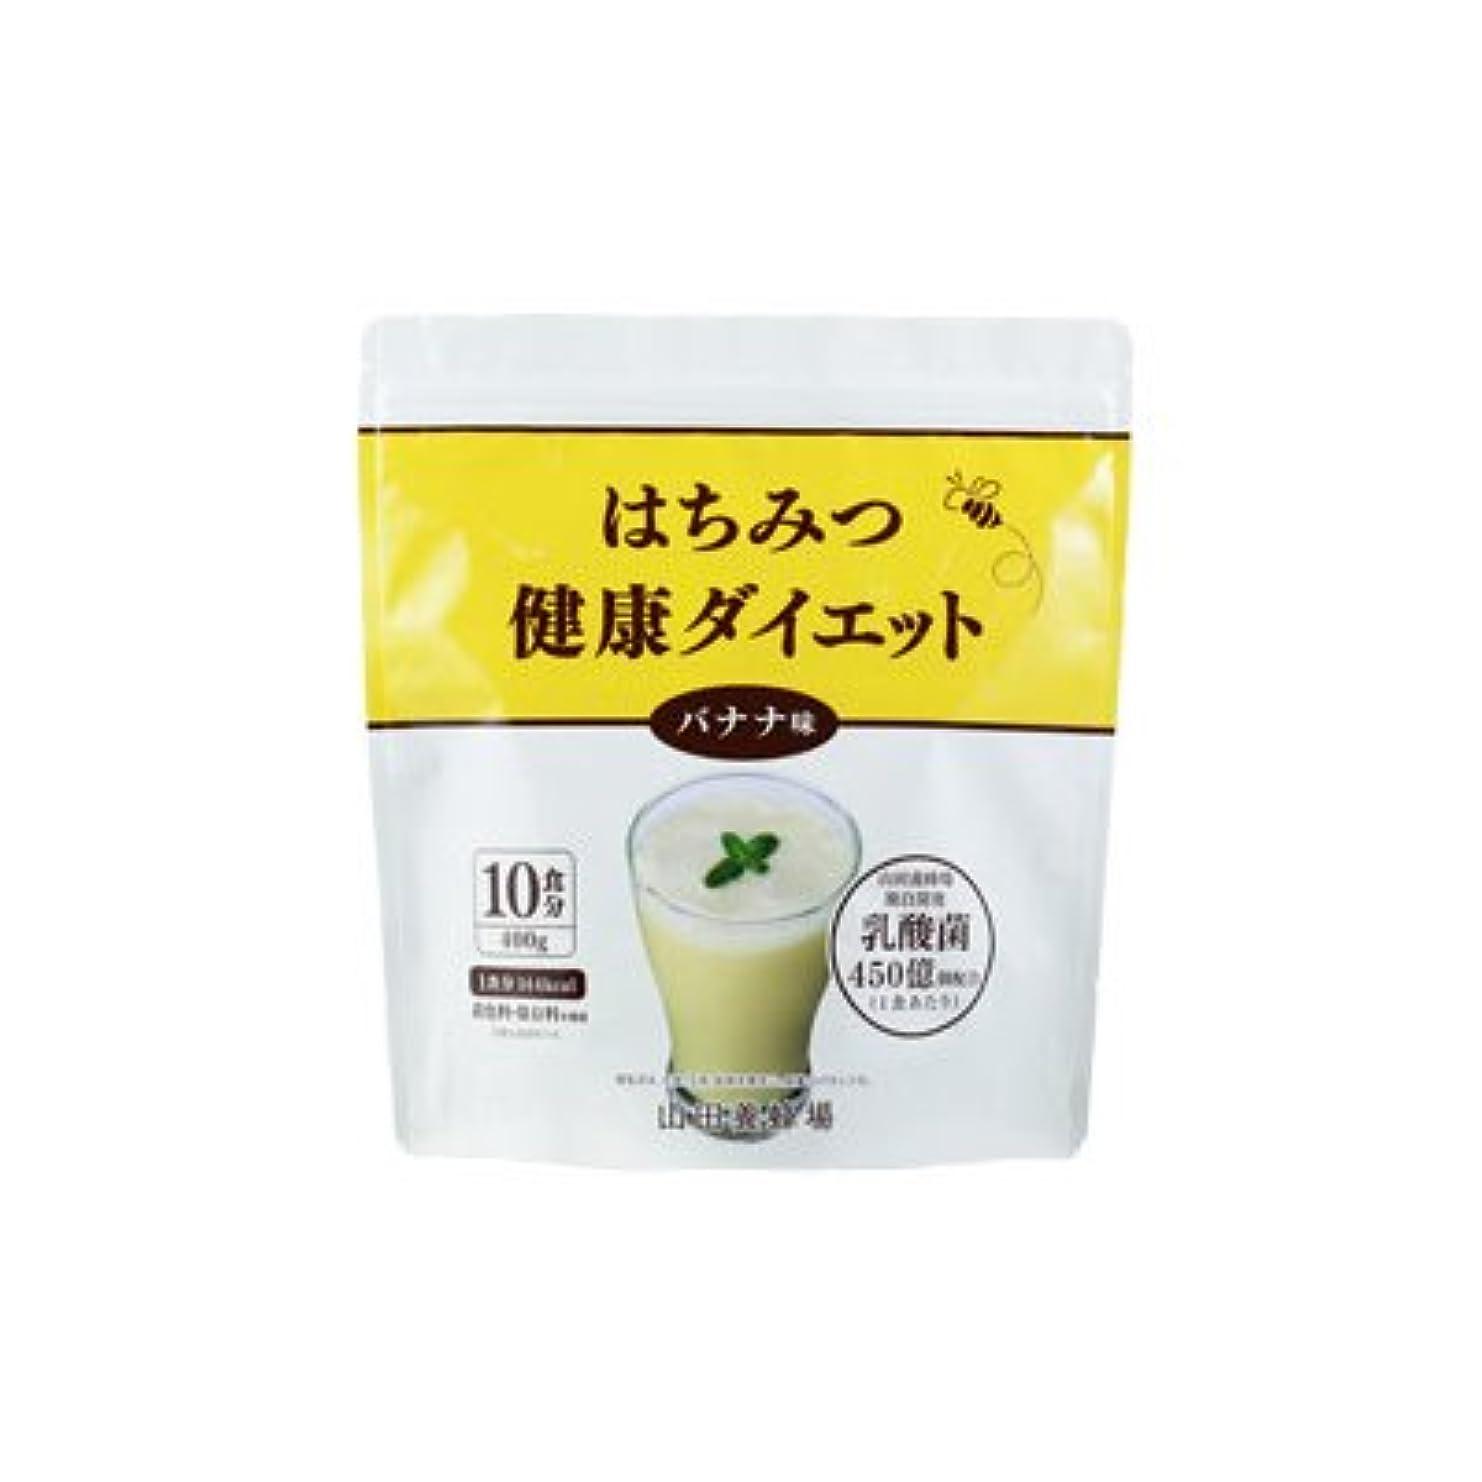 完璧無駄鉱石はちみつ健康ダイエット 【バナナ味】400g(10食分)